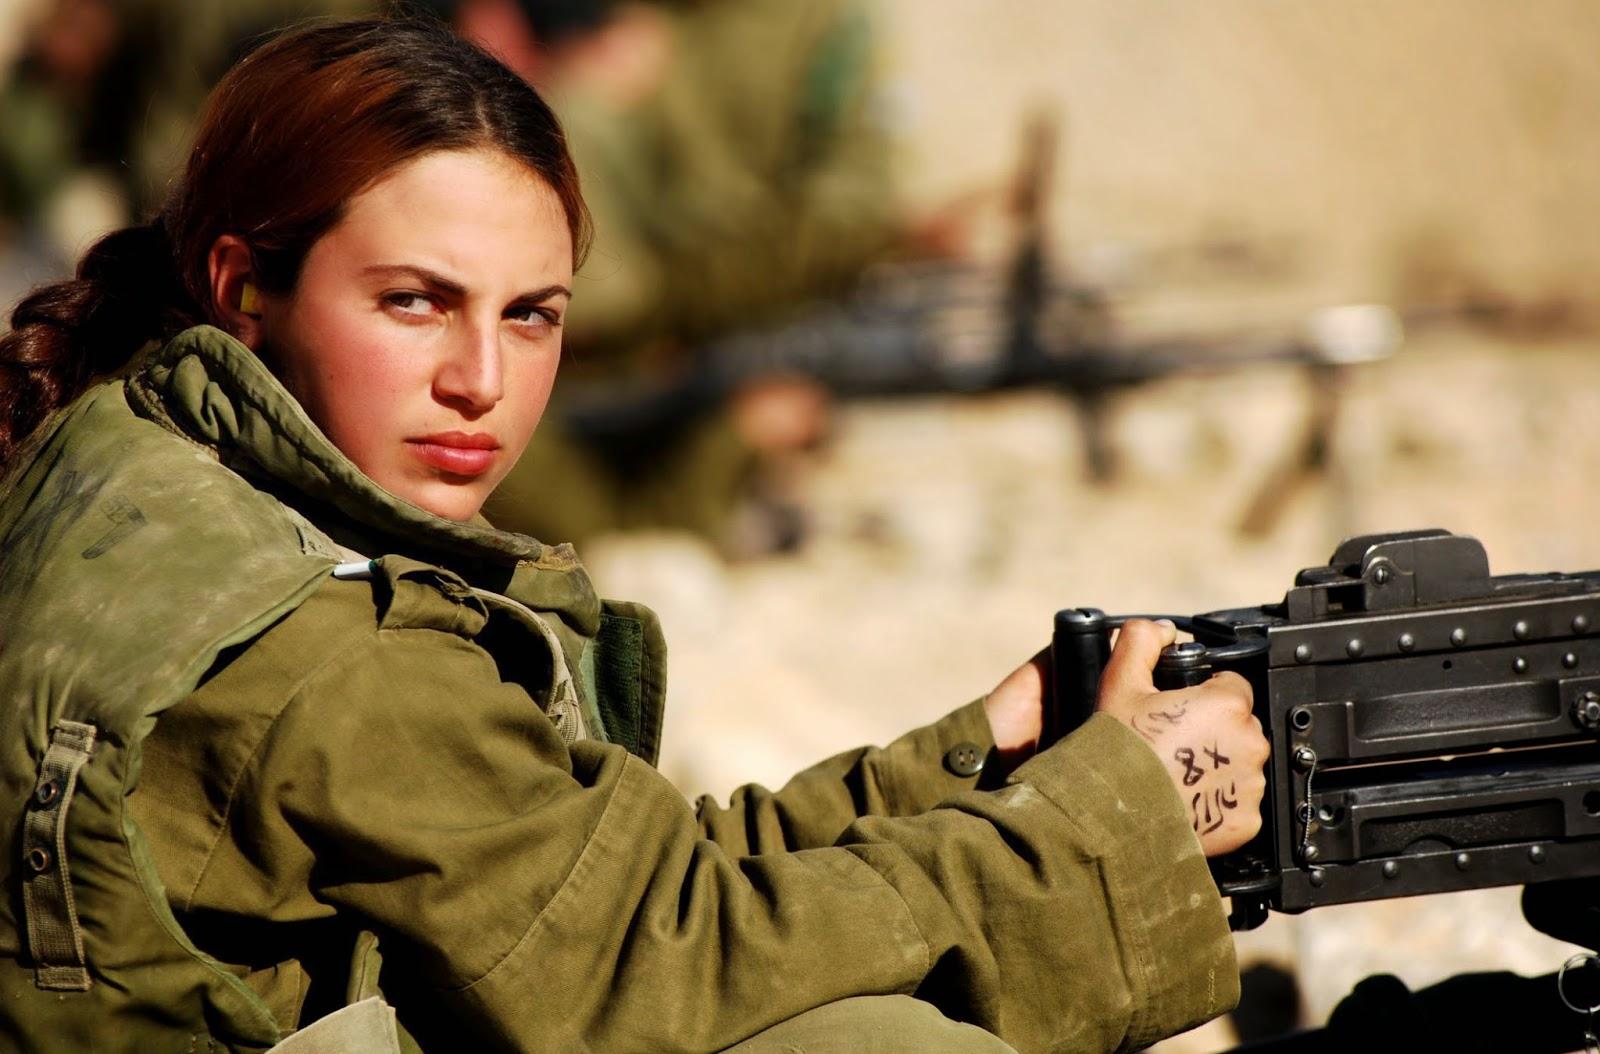 Смотреть секс израильский, Израиль порно - видео Yo-Sex 29 фотография